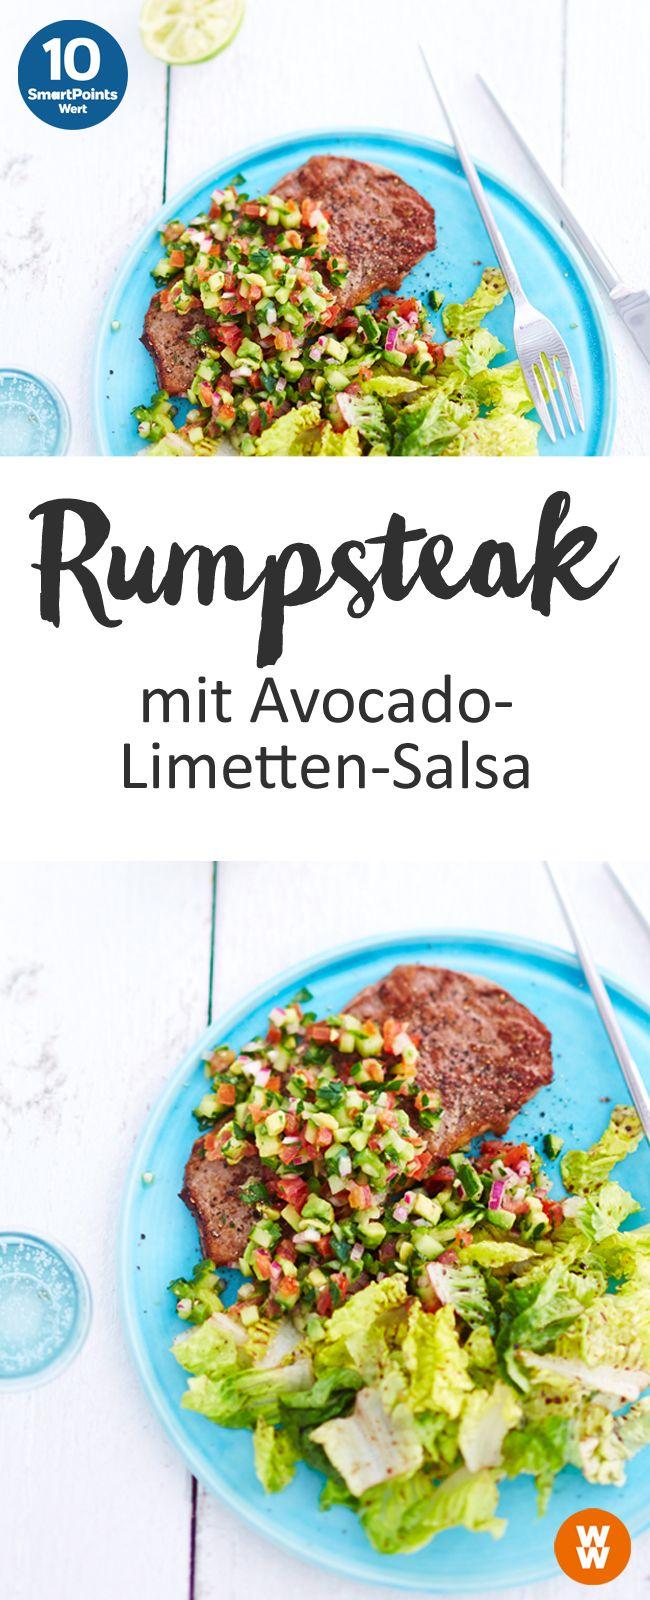 Rumpsteak mit Avocado-Limetten-Salsa | 10 SmartPoints/Portion, Weight Watchers, fertig in 20 min.